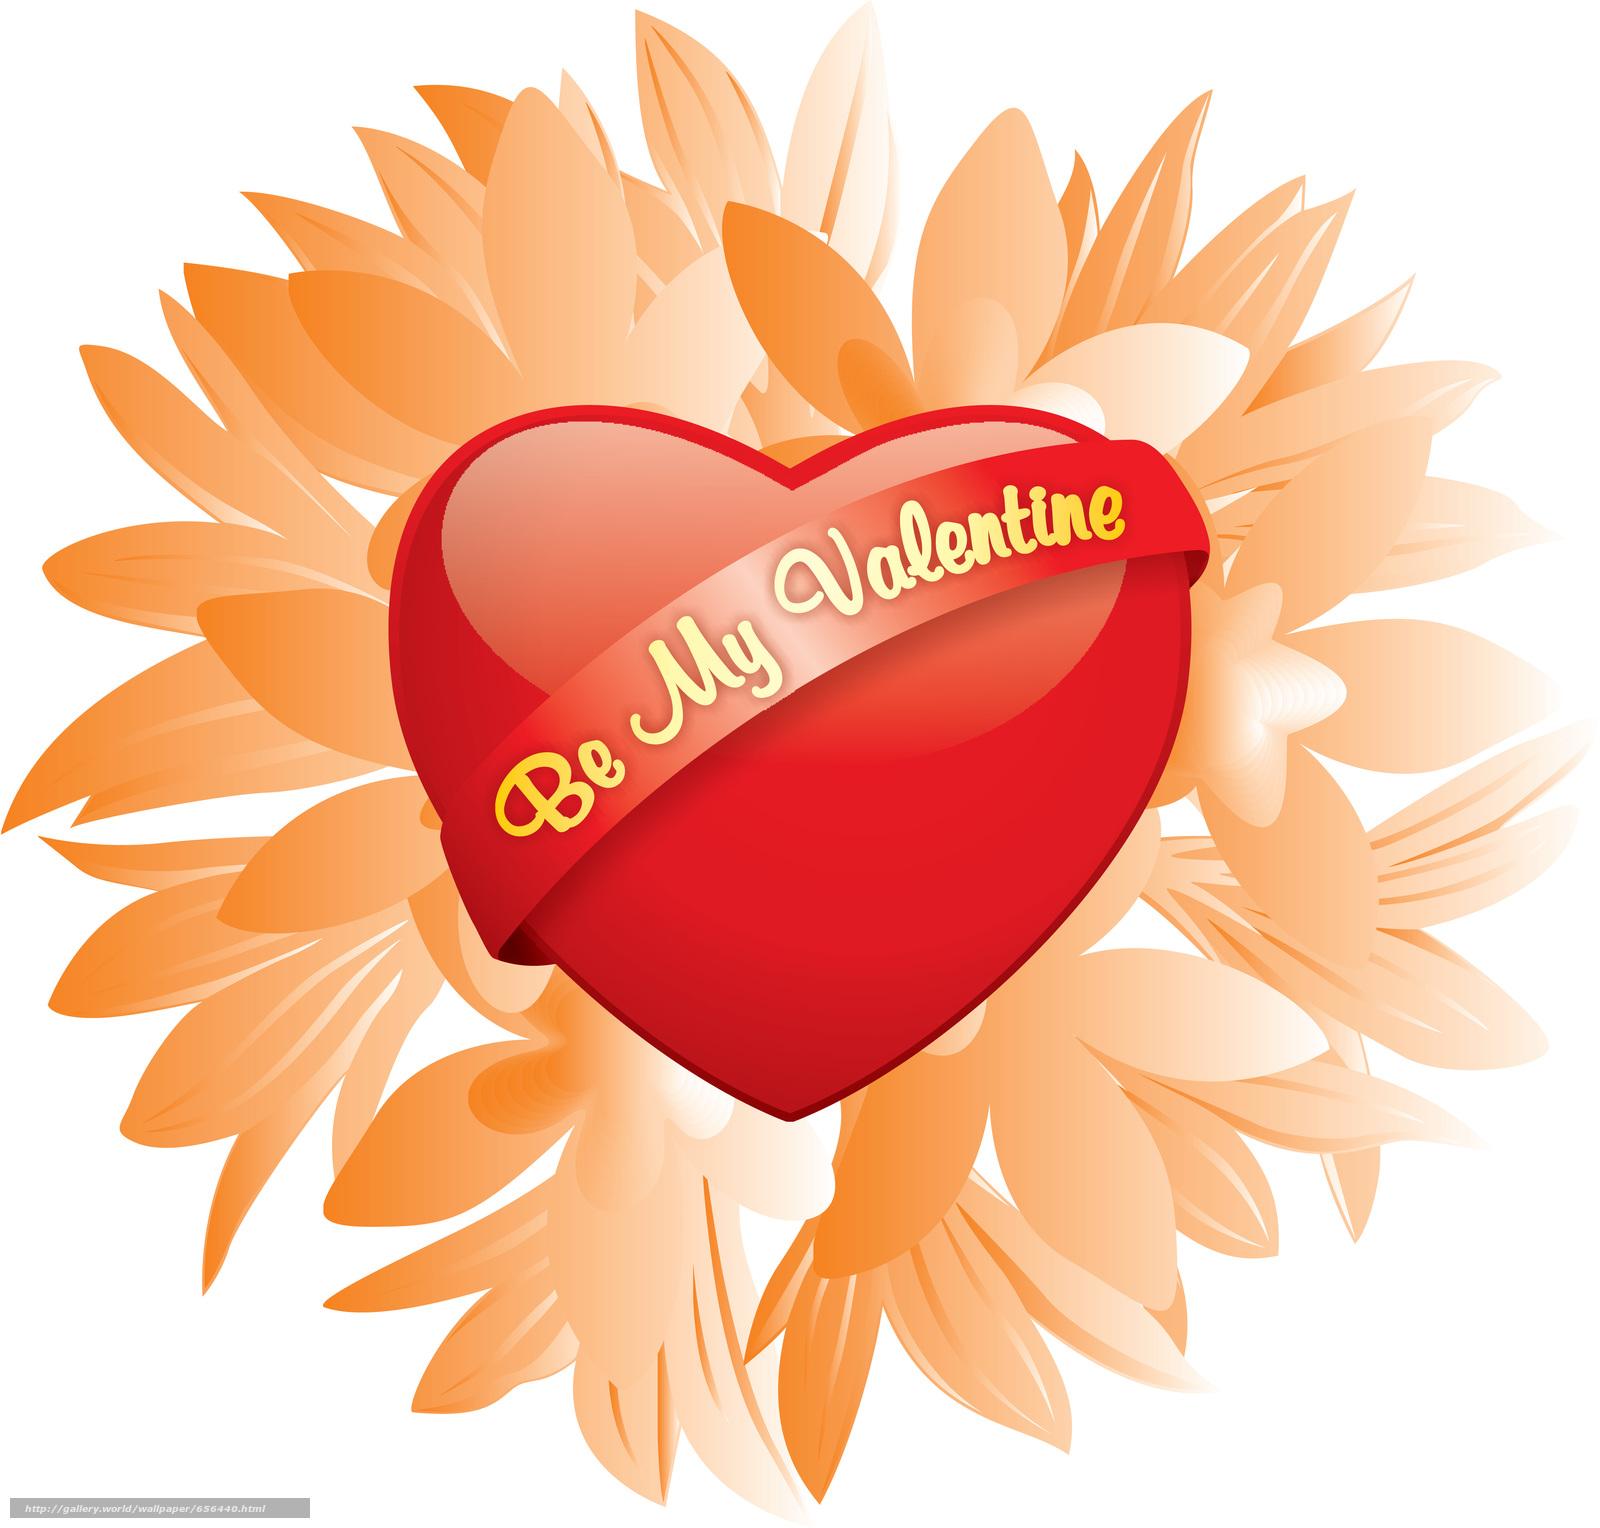 Скачать обои день святого валентина,  день всех влюбленных,  праздник,  сердце бесплатно для рабочего стола в разрешении 4967x4743 — картинка №656440